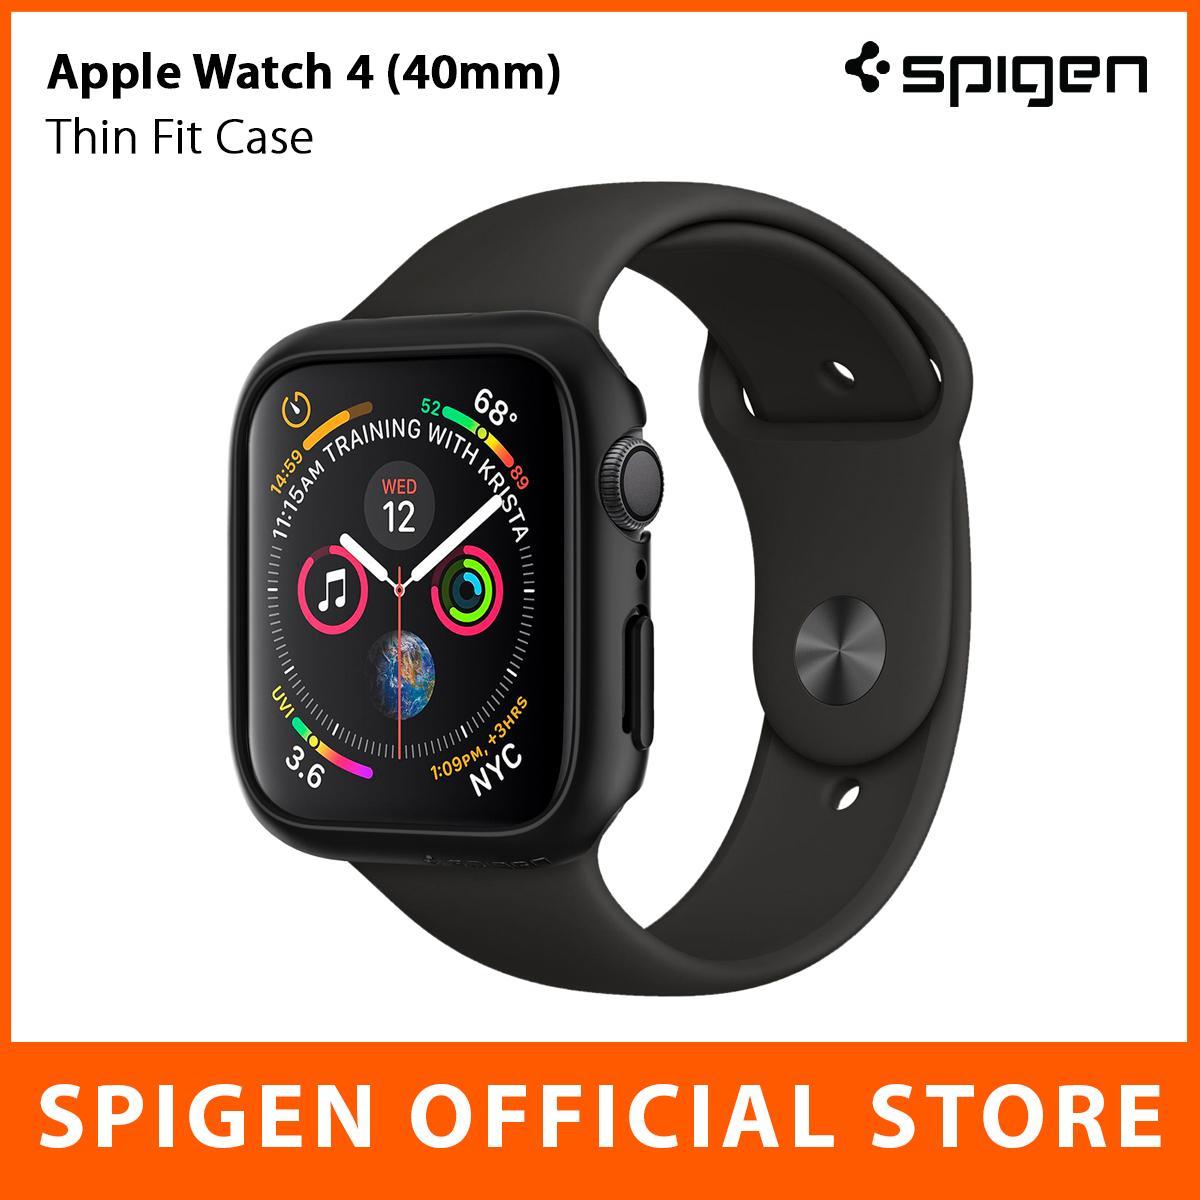 Spigen Apple Watch Series 4 Case Thin Fit (40mm) With Scratch Defense & Slim Design By Spigen Singapore Flagship Store.